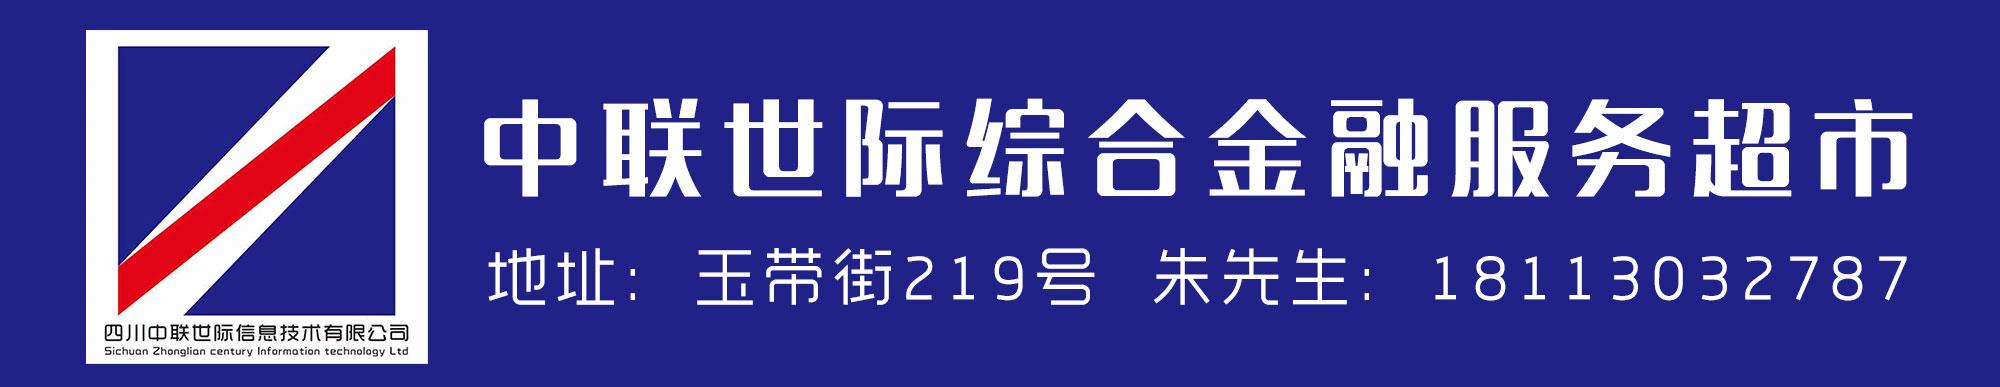 四川中联世际信息技术有限公司邛崃分公司